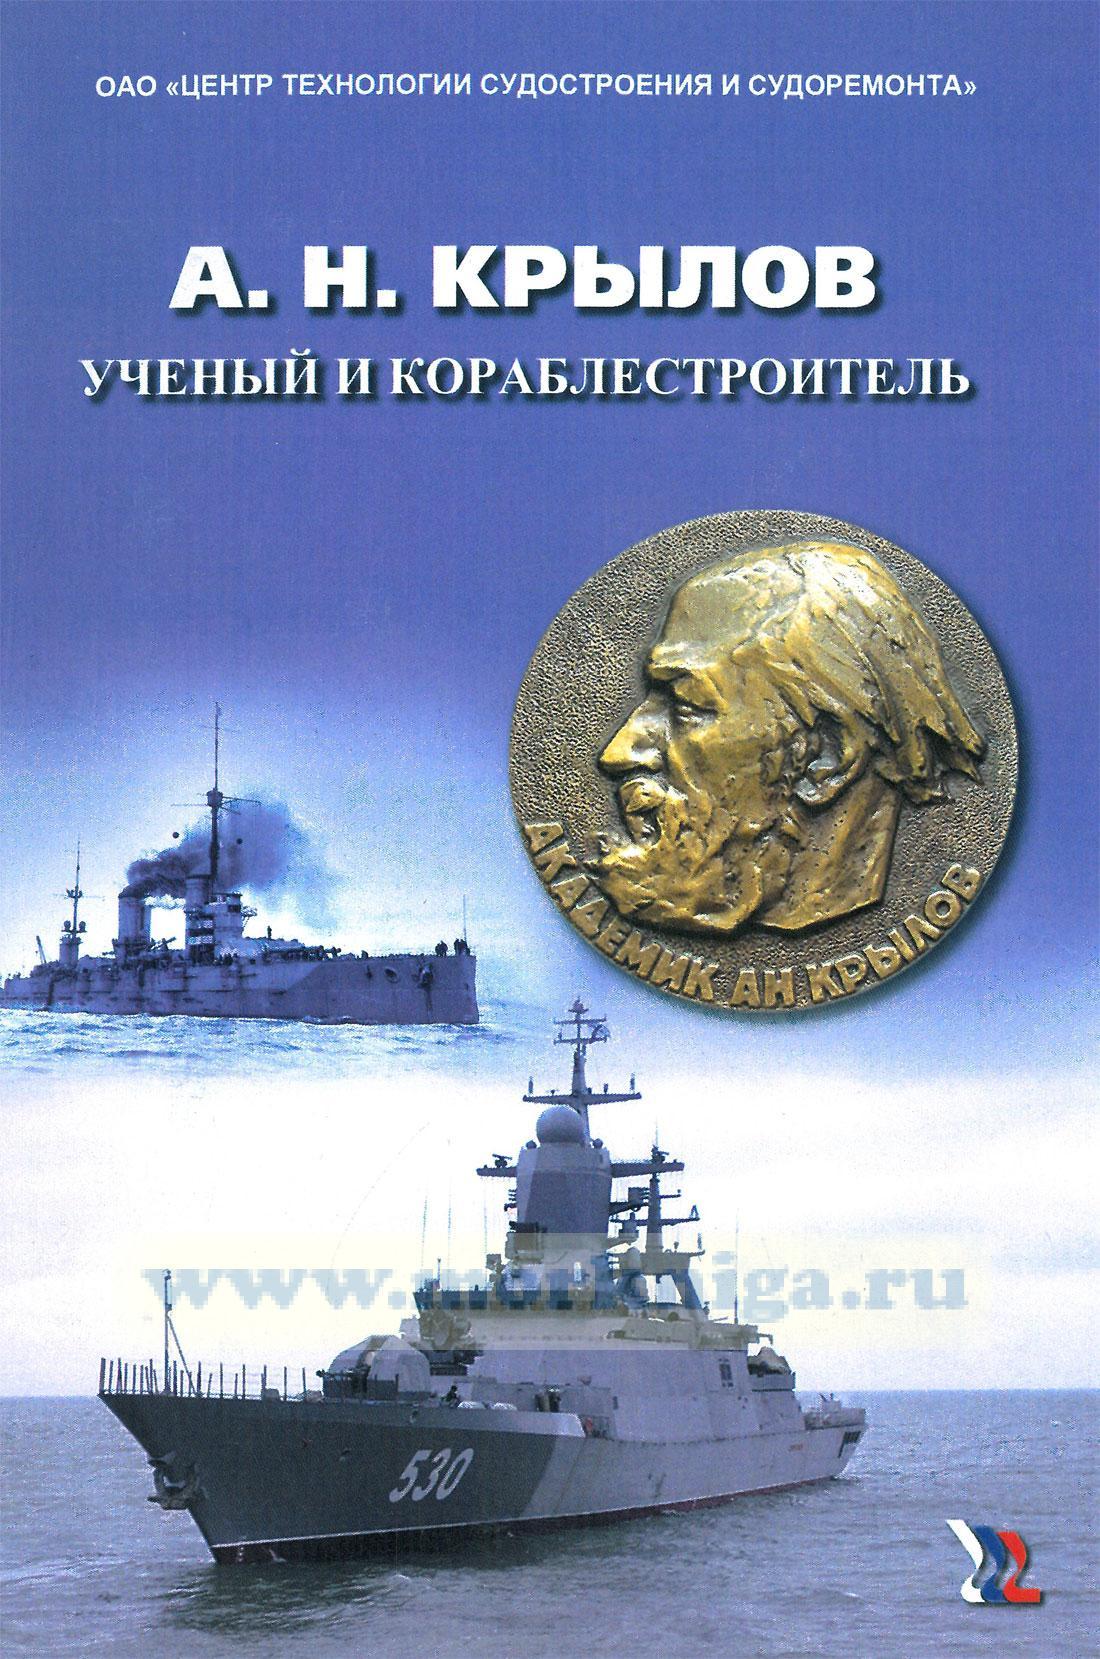 Крылов А.Н. - ученый и кораблестроитель. К 150-летию со дня рождения